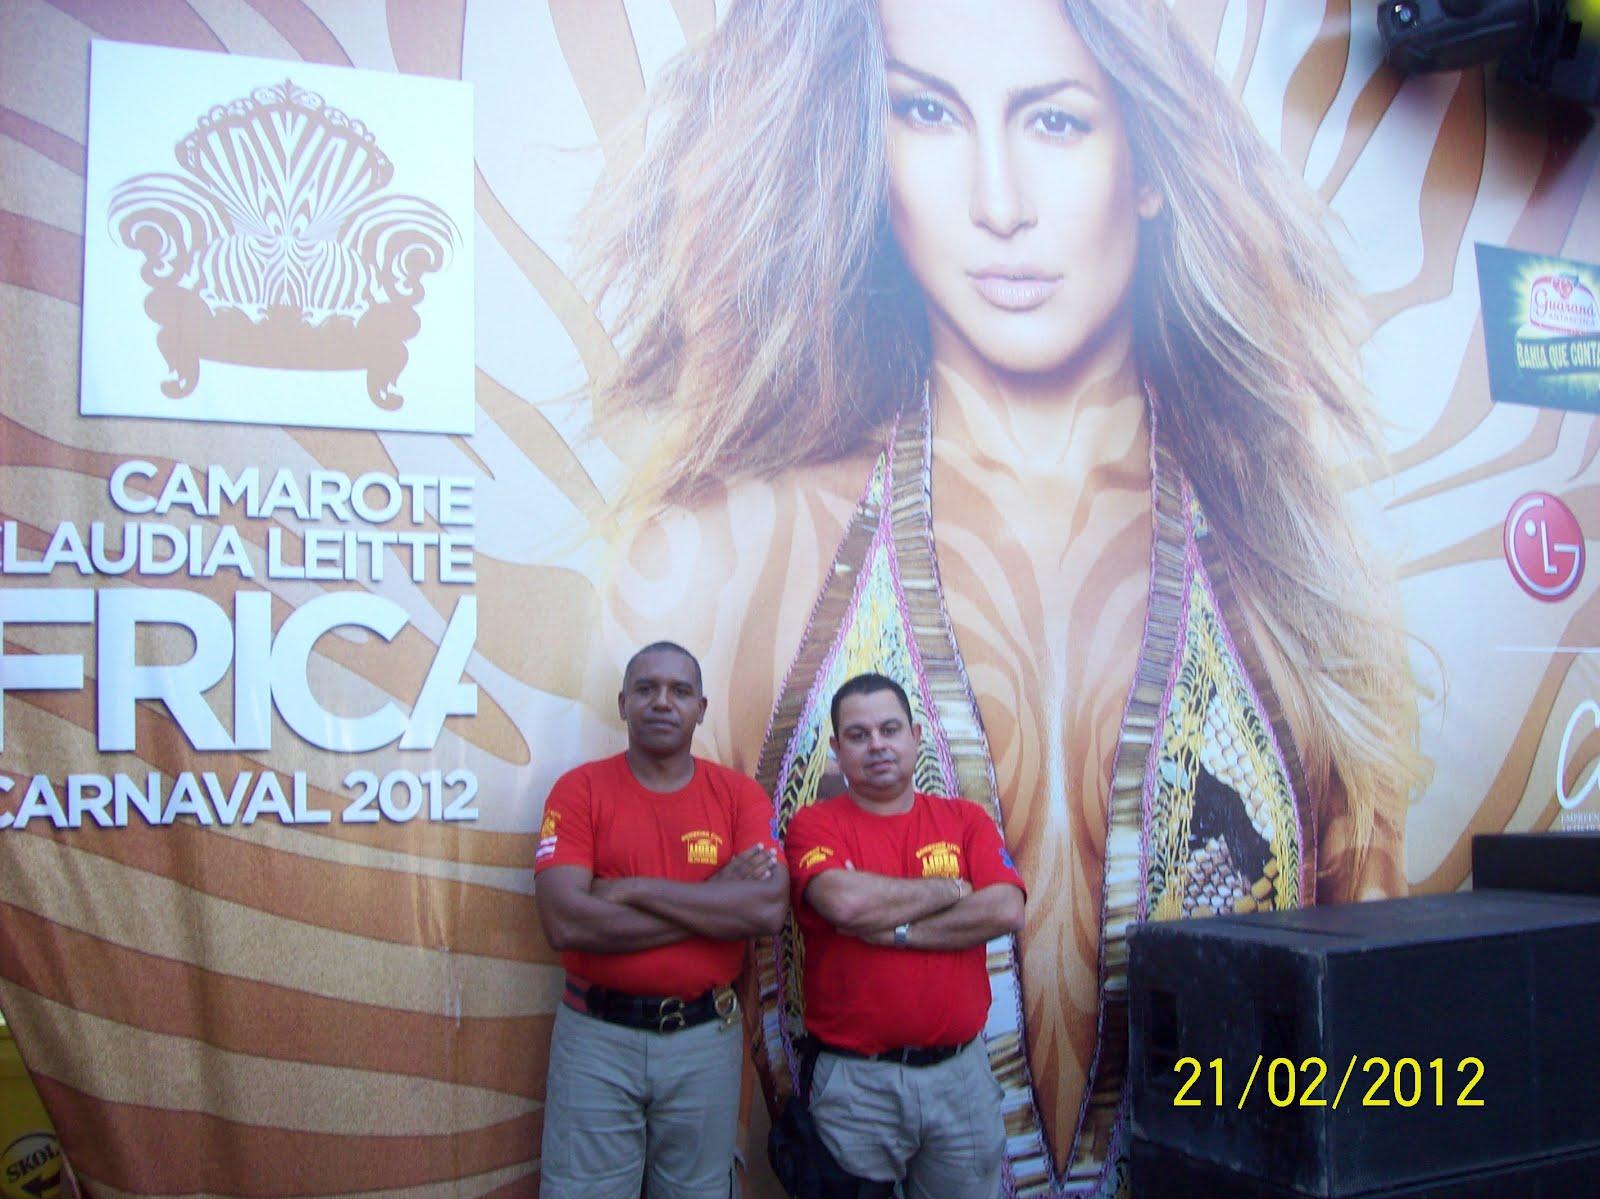 Camarote de Claudia Leitte - Carnaval de 2012.